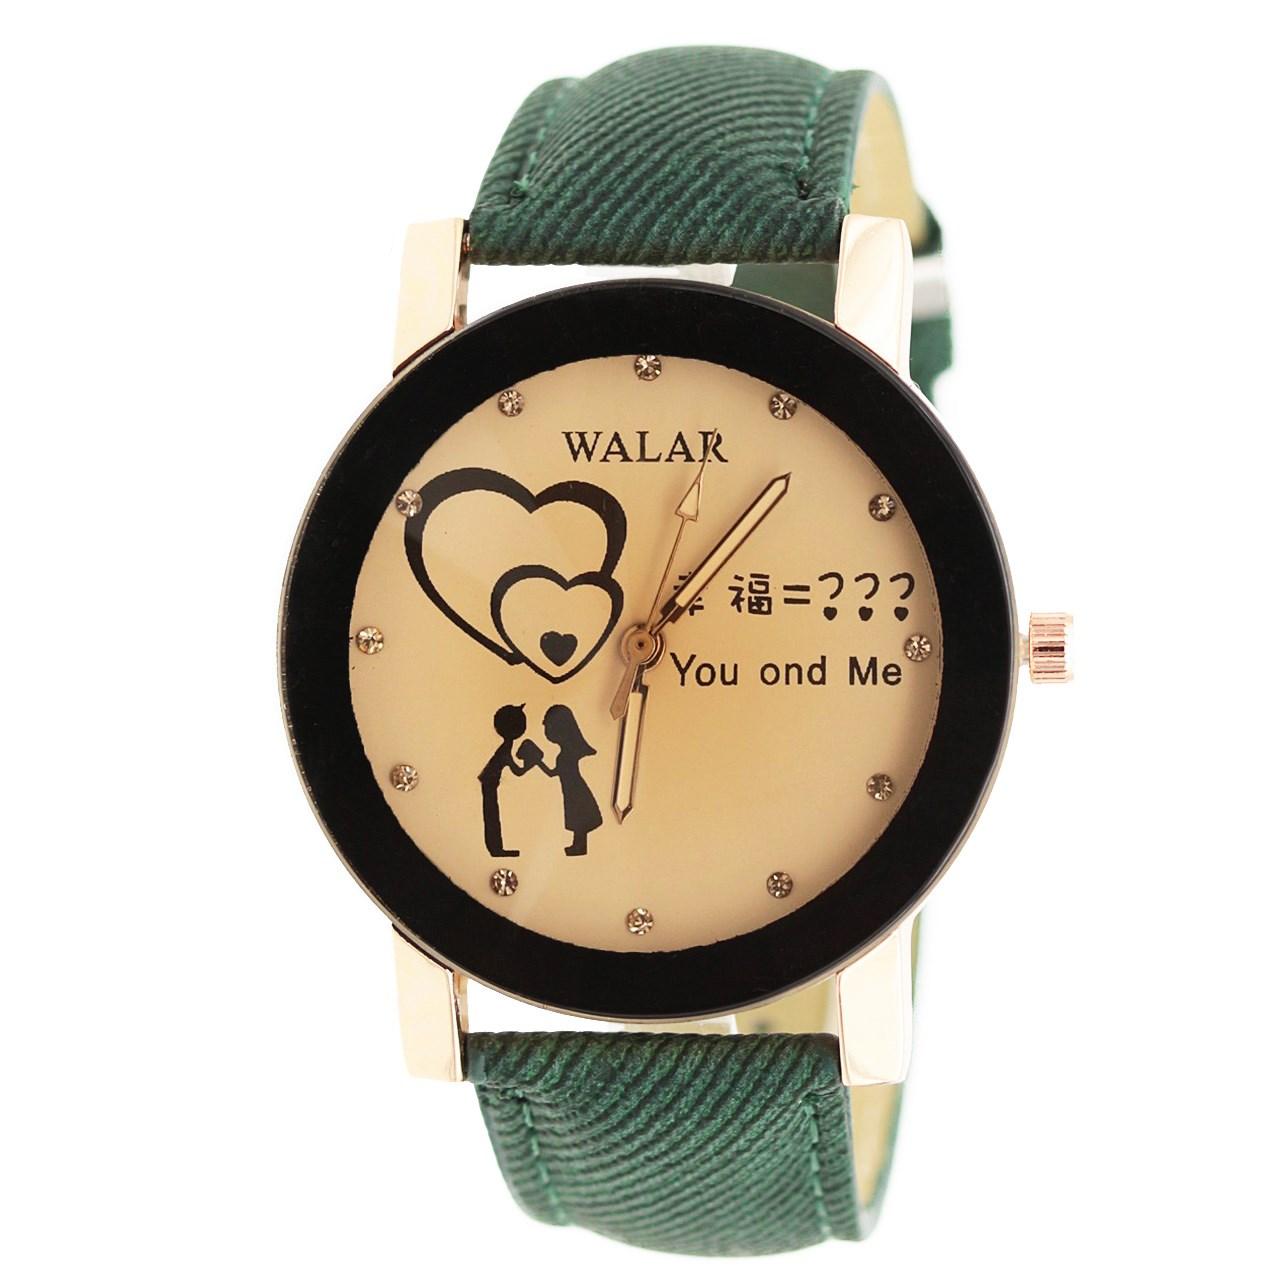 ساعت مچی عقربه ای زنانه والار مدل 001 46